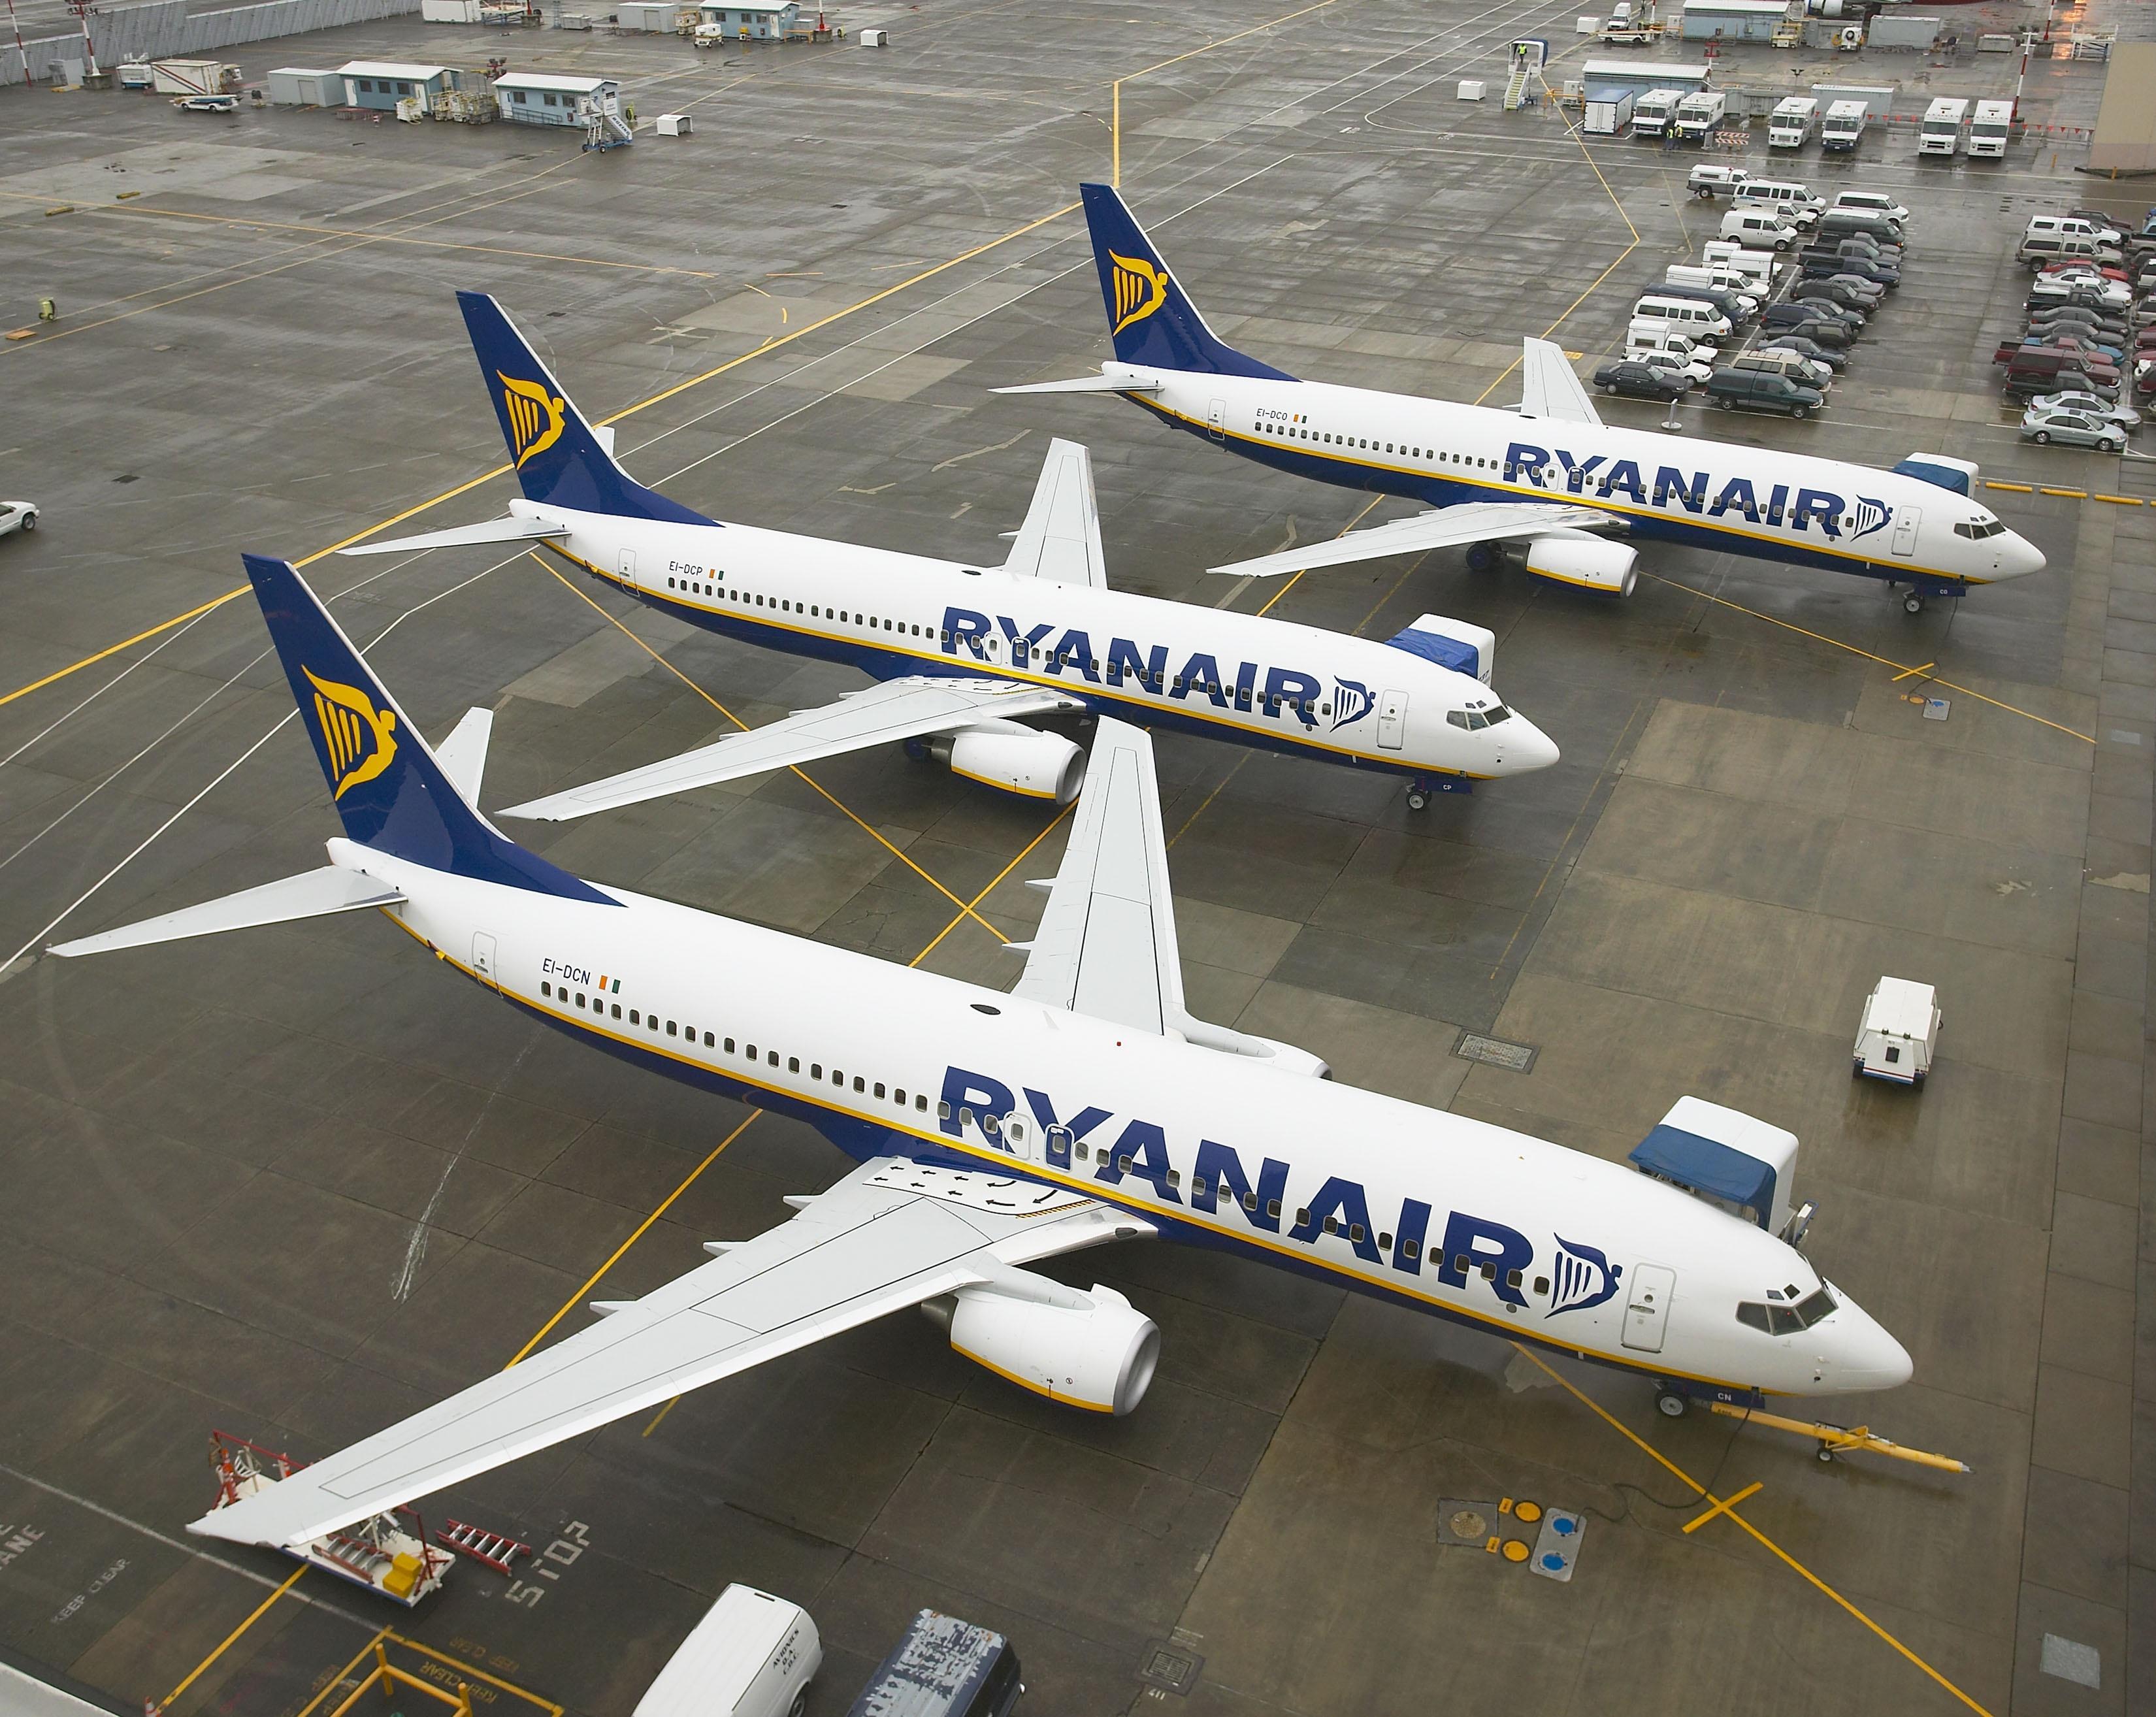 Ryanair take-off plan disregards safety, says Belgocontrol ...